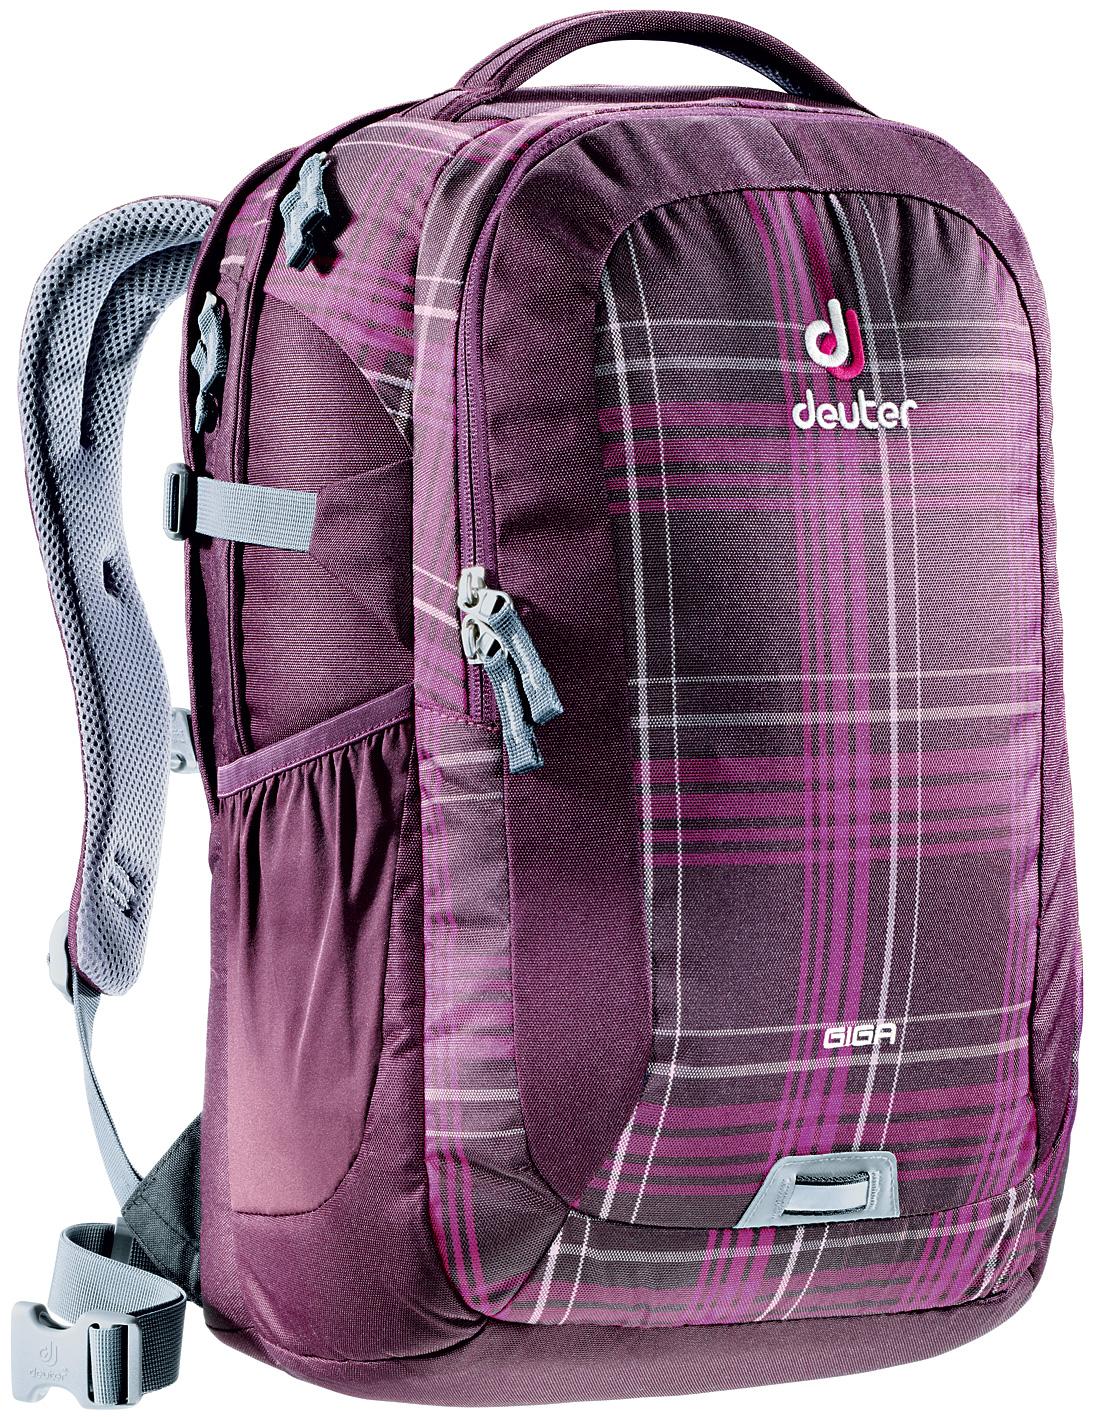 Рюкзак DeuterРюкзаки<br>Назначение рюкзака: туристический, Тип конструкции: анатомический, Тип: рюкзак, Объем: 31, Число лямок: 2, Вес нетто: 1.35, Высота: 470, Ширина: 350, Толщина: 260, Материал: полиэстер, Цвет: фиолетовый, Боковые карманы: есть<br>